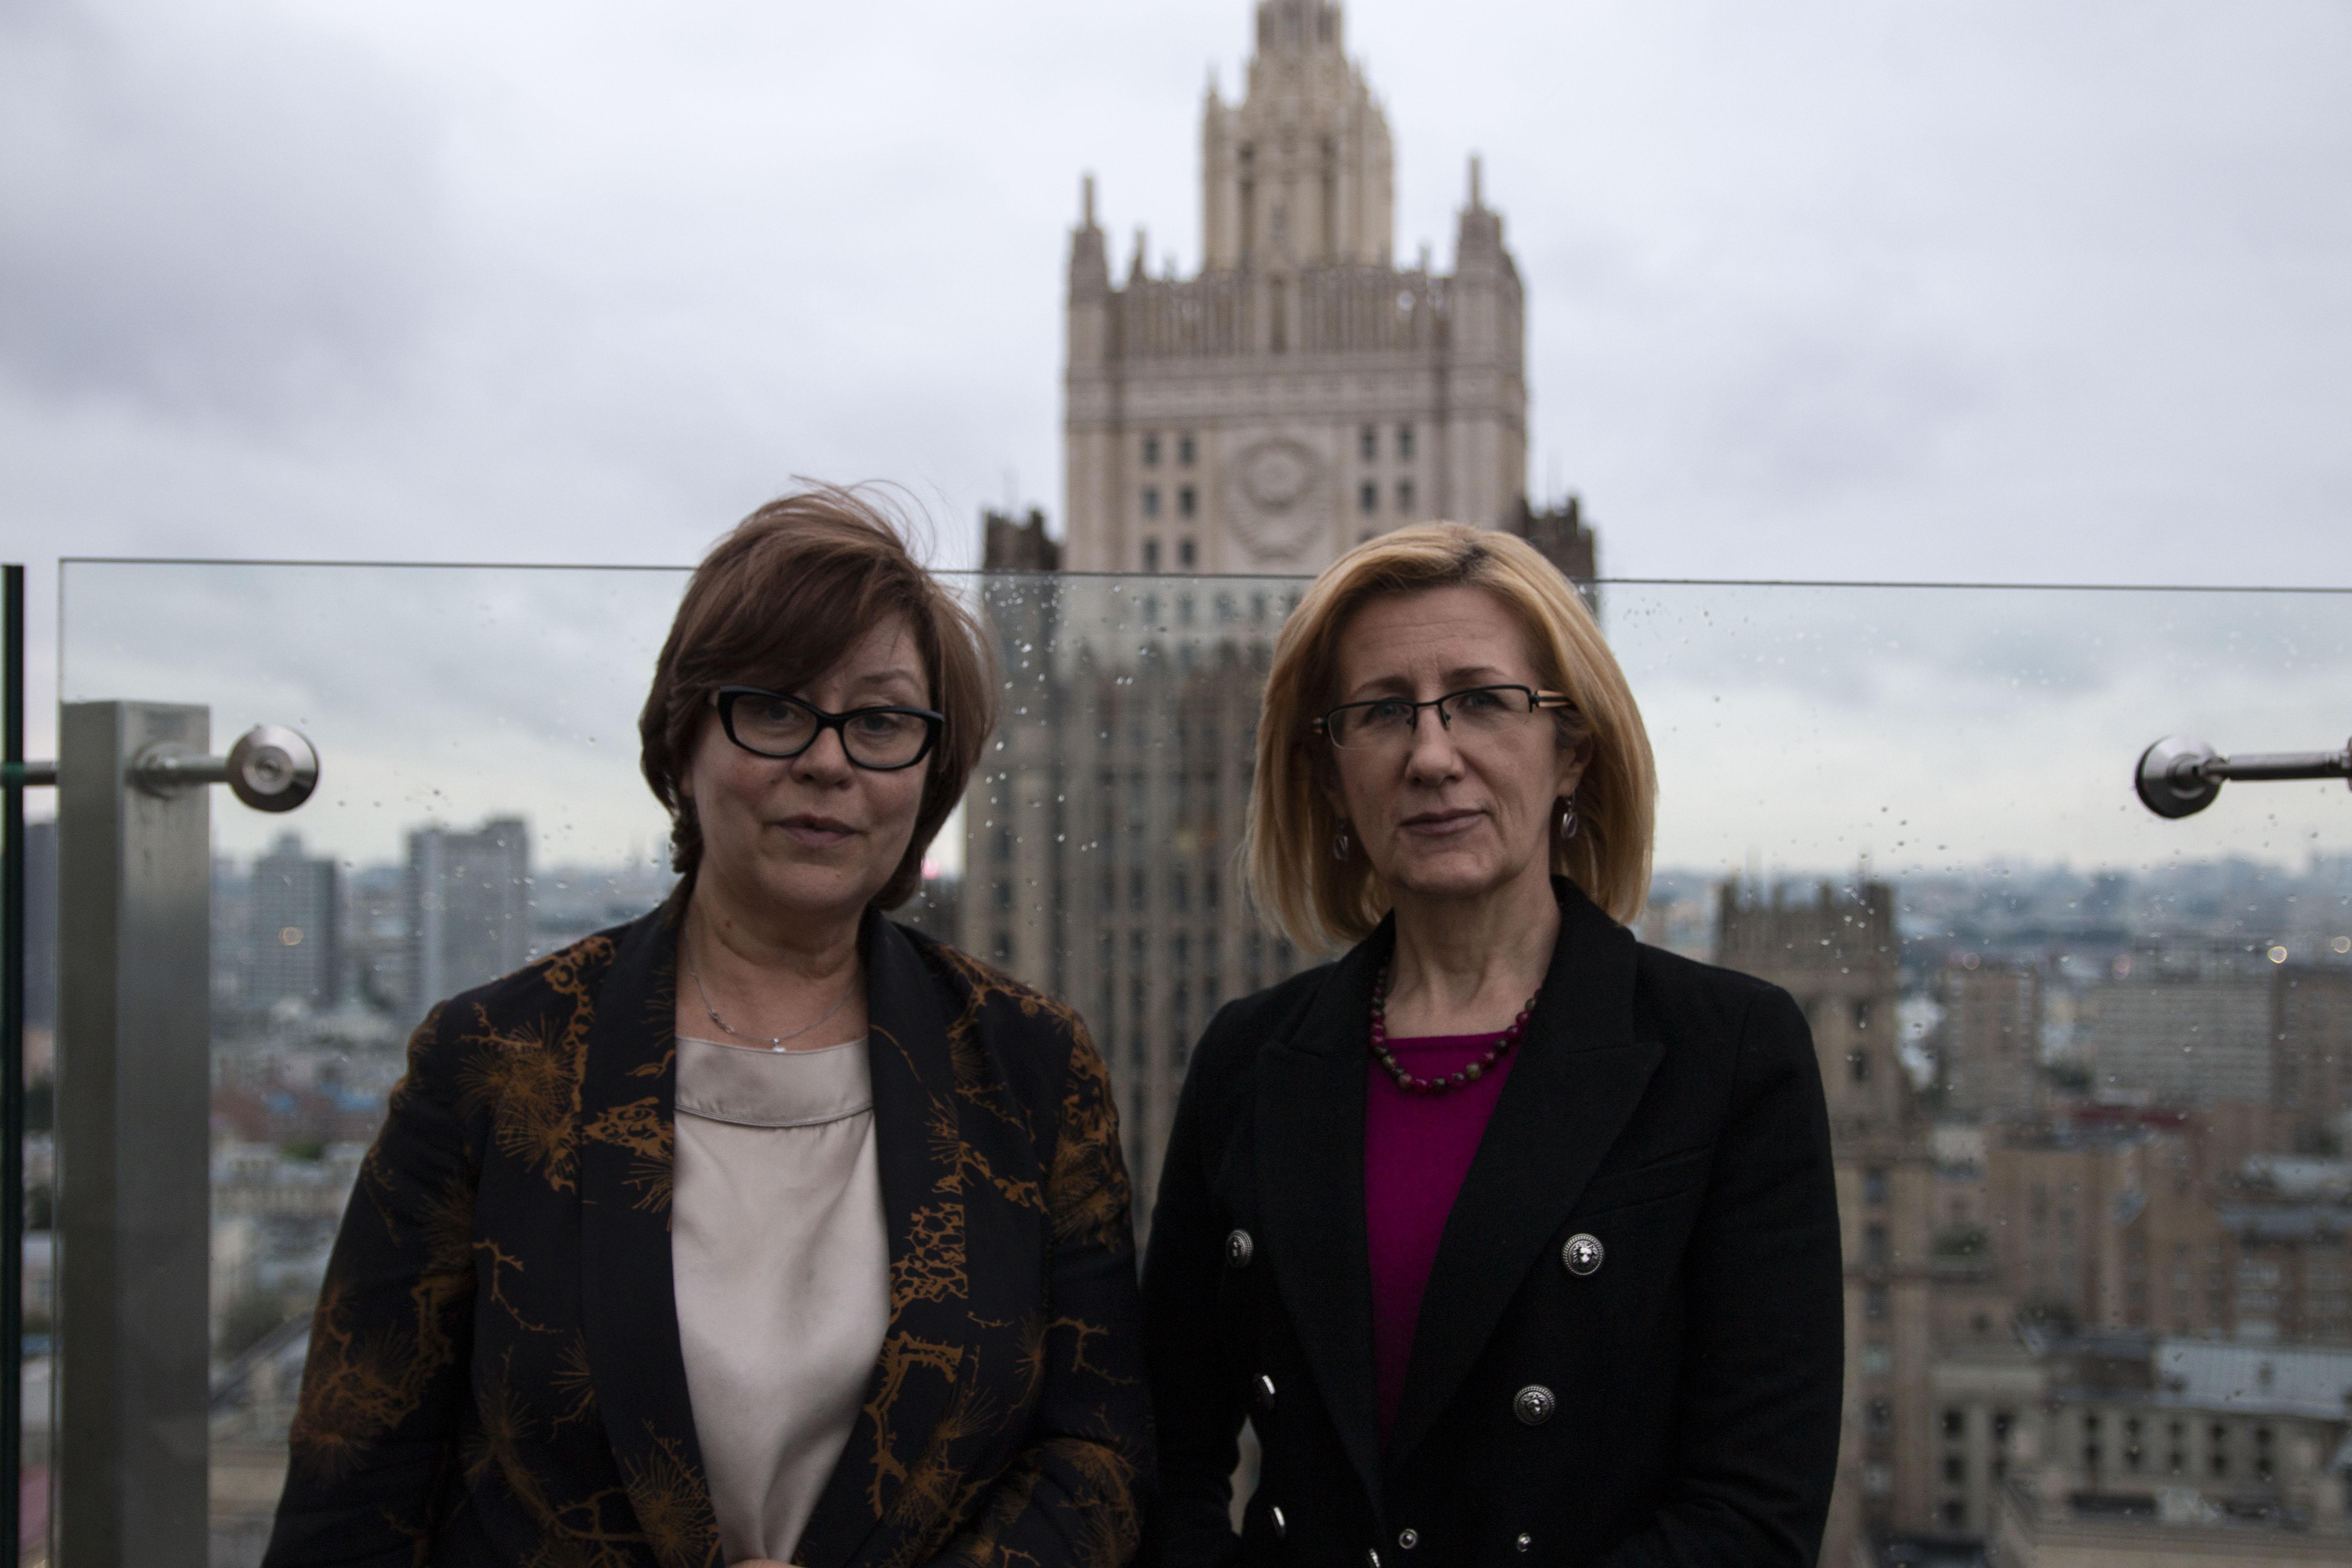 Заседание, посвященное старту конкурса грантовых проектов: эксперты конкурса Татьяна Волосовец и Елена Кутепова